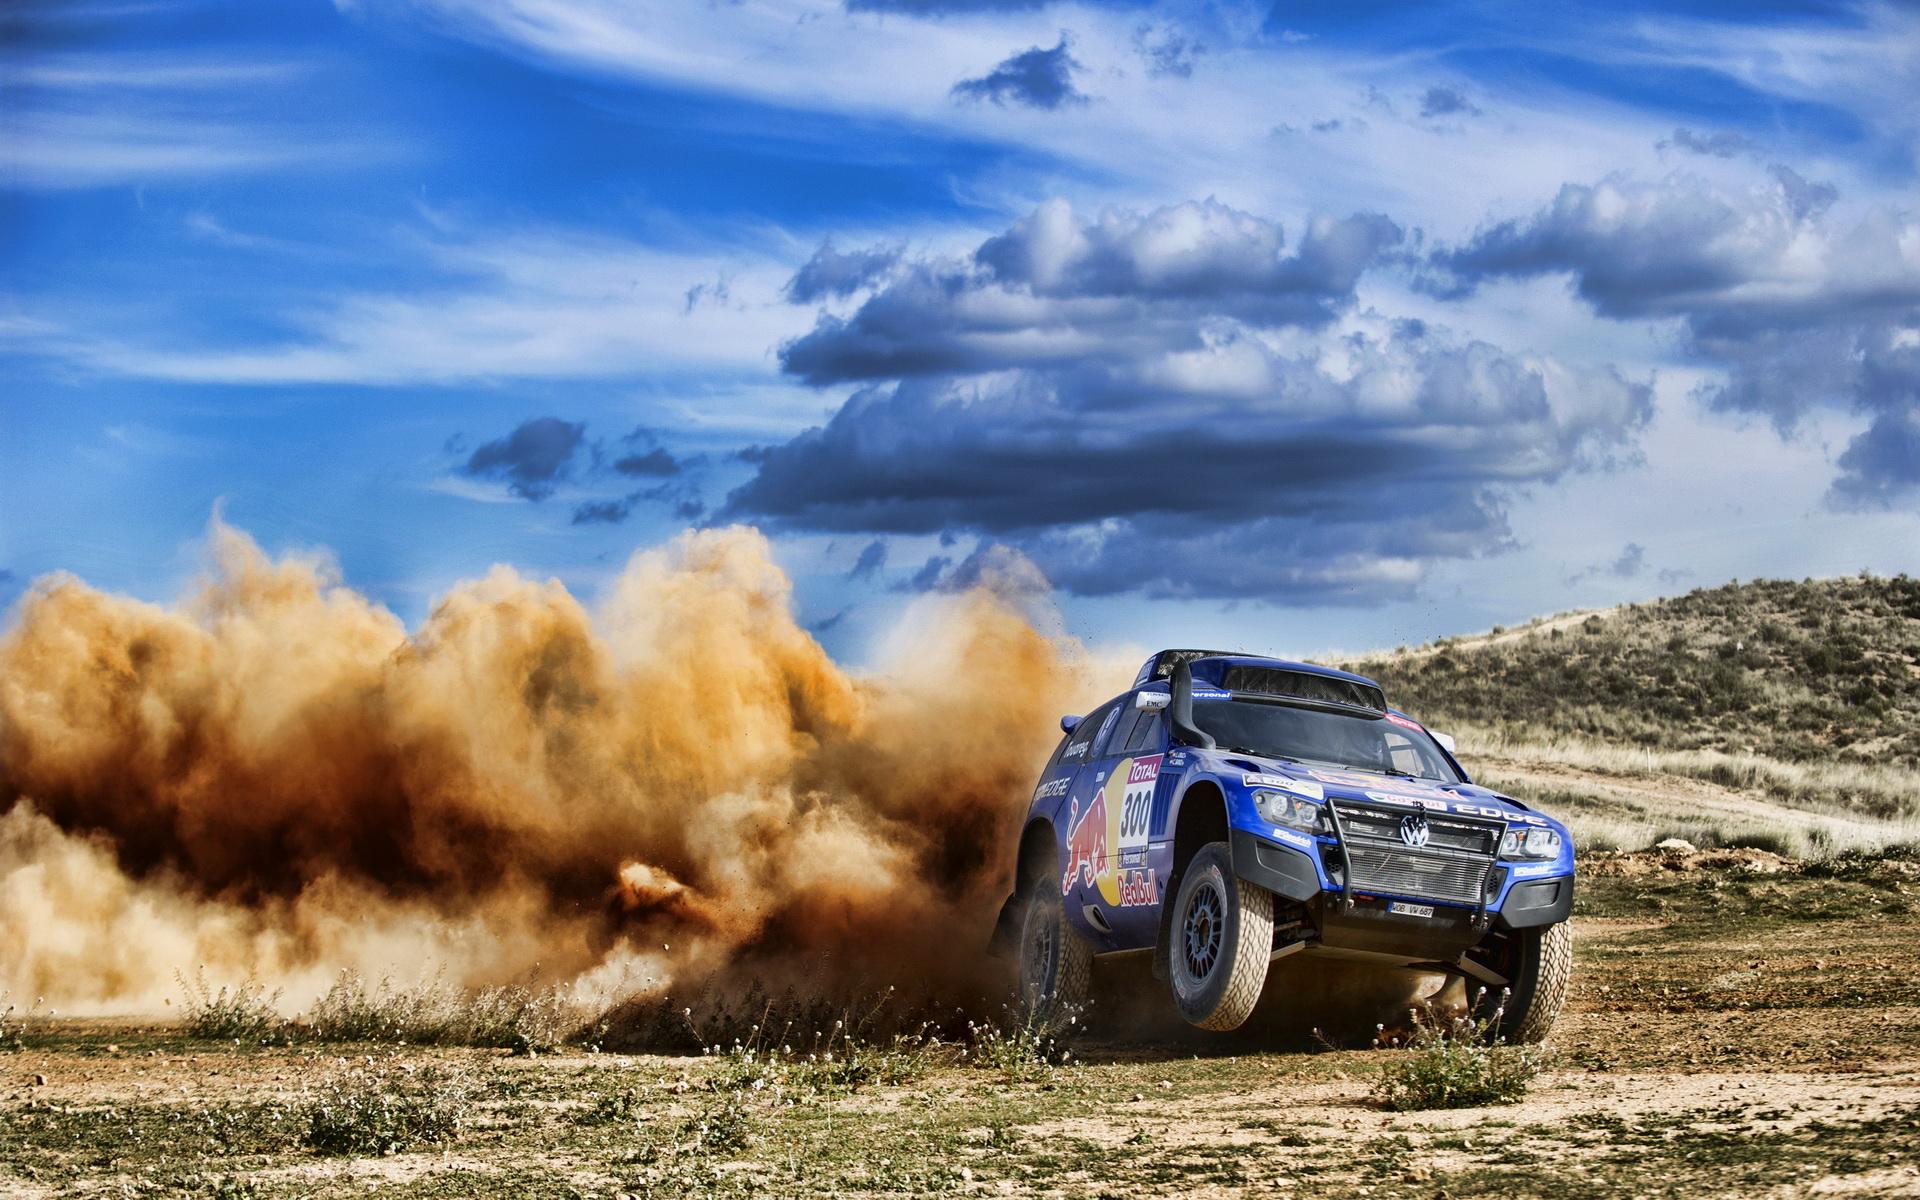 Rally Car Desktop Wallpaper 1680x1050 23 Dakar Rally Hd Wallpapers Backgrounds Wallpaper Abyss